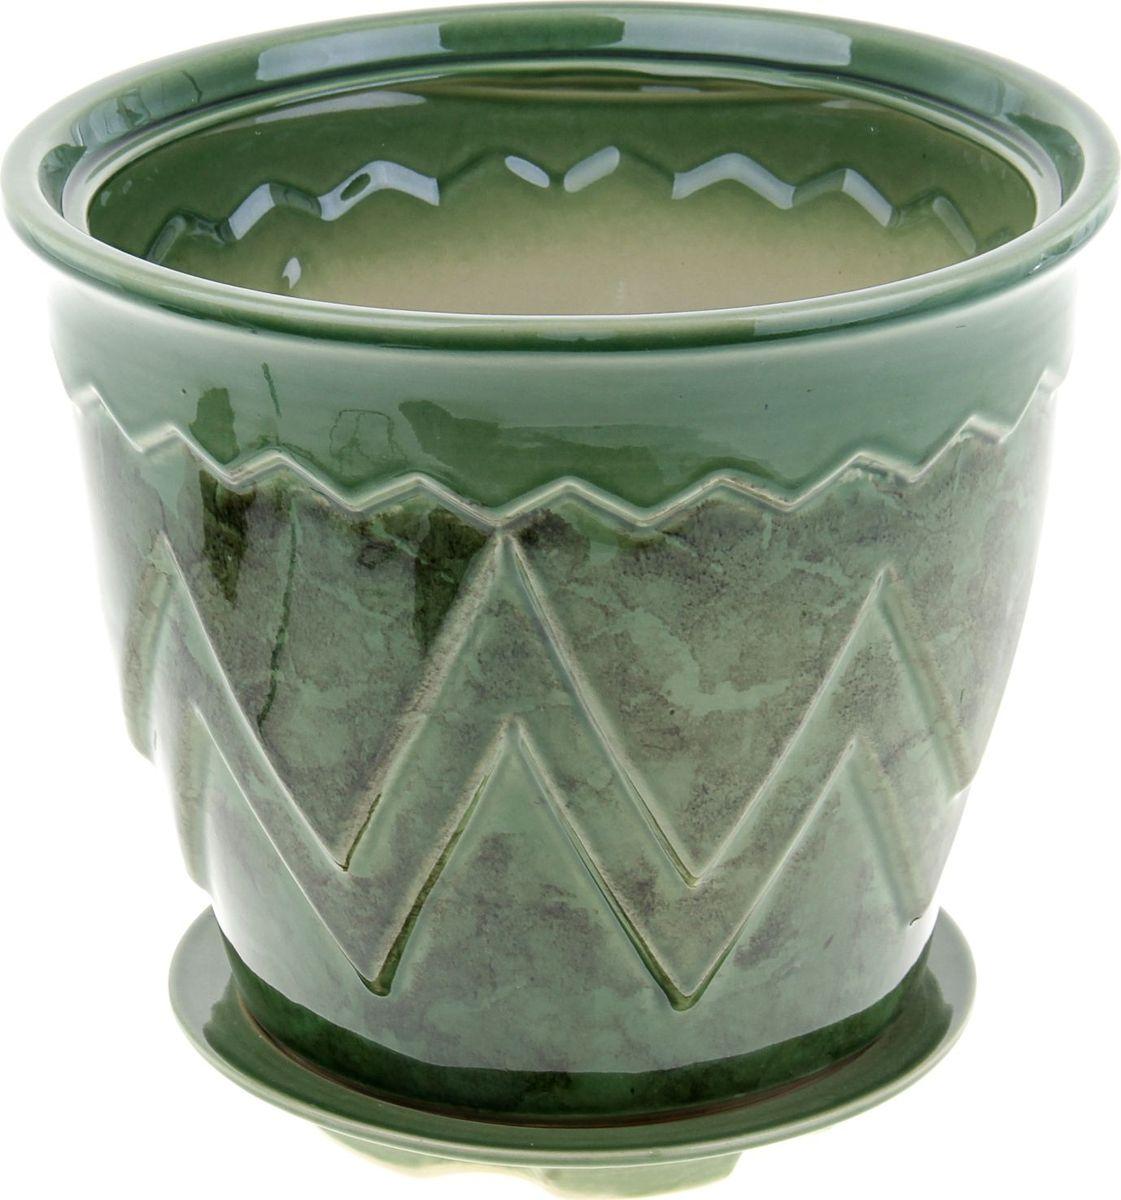 Кашпо Арго, цвет: зеленый, 6 л840512Комнатные растения — всеобщие любимцы. Они радуют глаз, насыщают помещение кислородом и украшают пространство. Каждому из них необходим свой удобный и красивый дом. Кашпо из керамики прекрасно подходят для высадки растений: за счёт пластичности глины и разных способов обработки существует великое множество форм и дизайновпористый материал позволяет испаряться лишней влагевоздух, необходимый для дыхания корней, проникает сквозь керамические стенки! #name# позаботится о зелёном питомце, освежит интерьер и подчеркнёт его стиль.